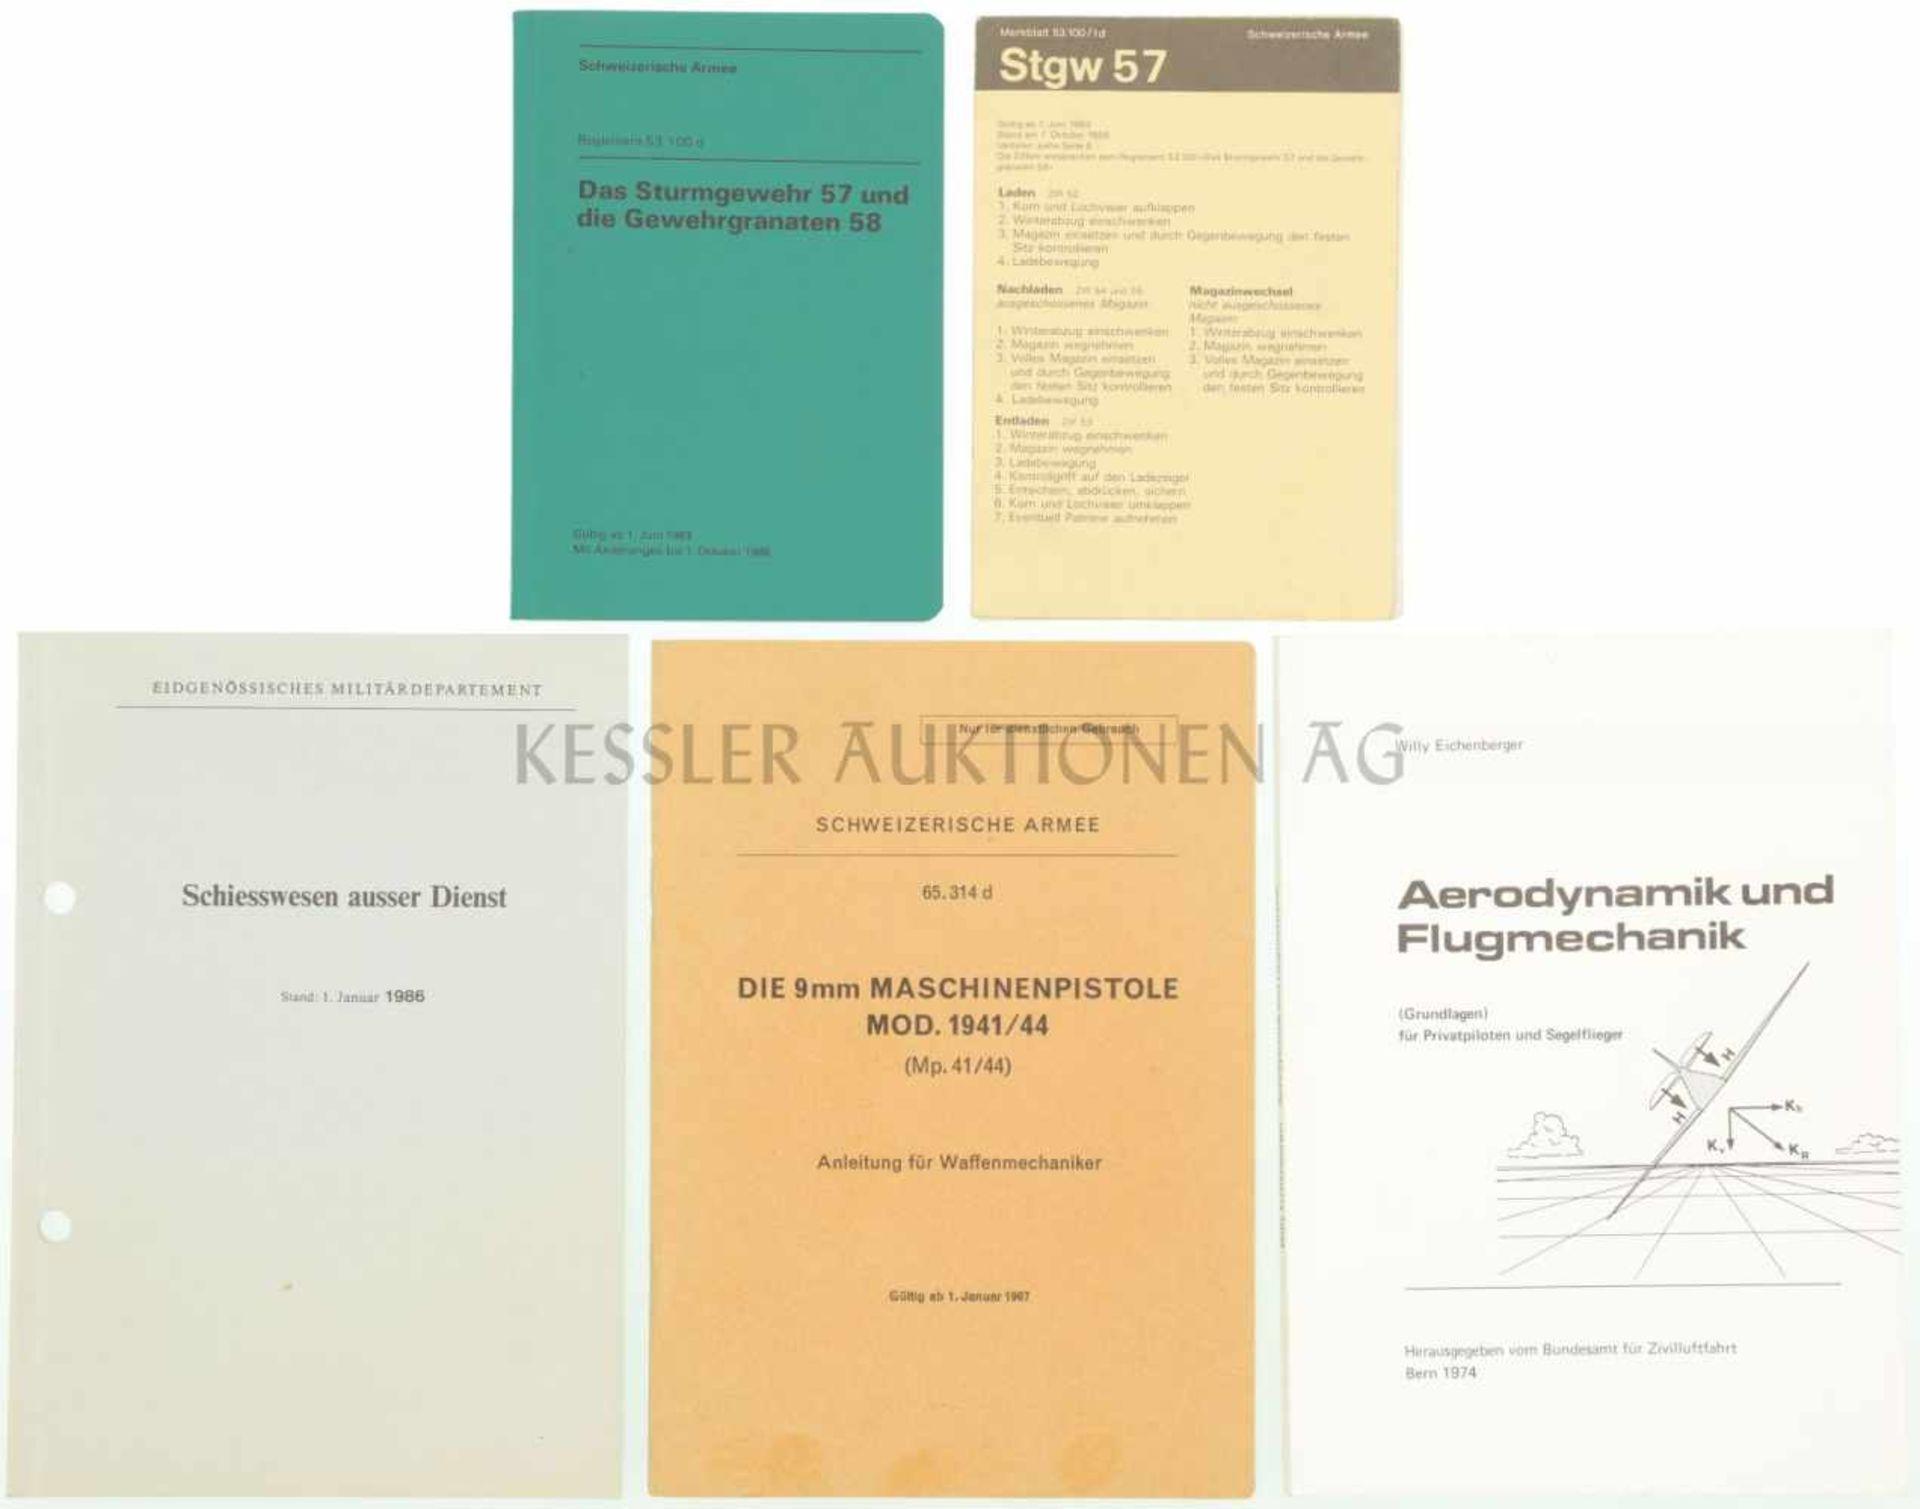 """Konvolut von 4 Reglementen 1. Reglement """"Das Sturmgewehr 57 und die Gewehrgranate 58, gültig ab 1."""